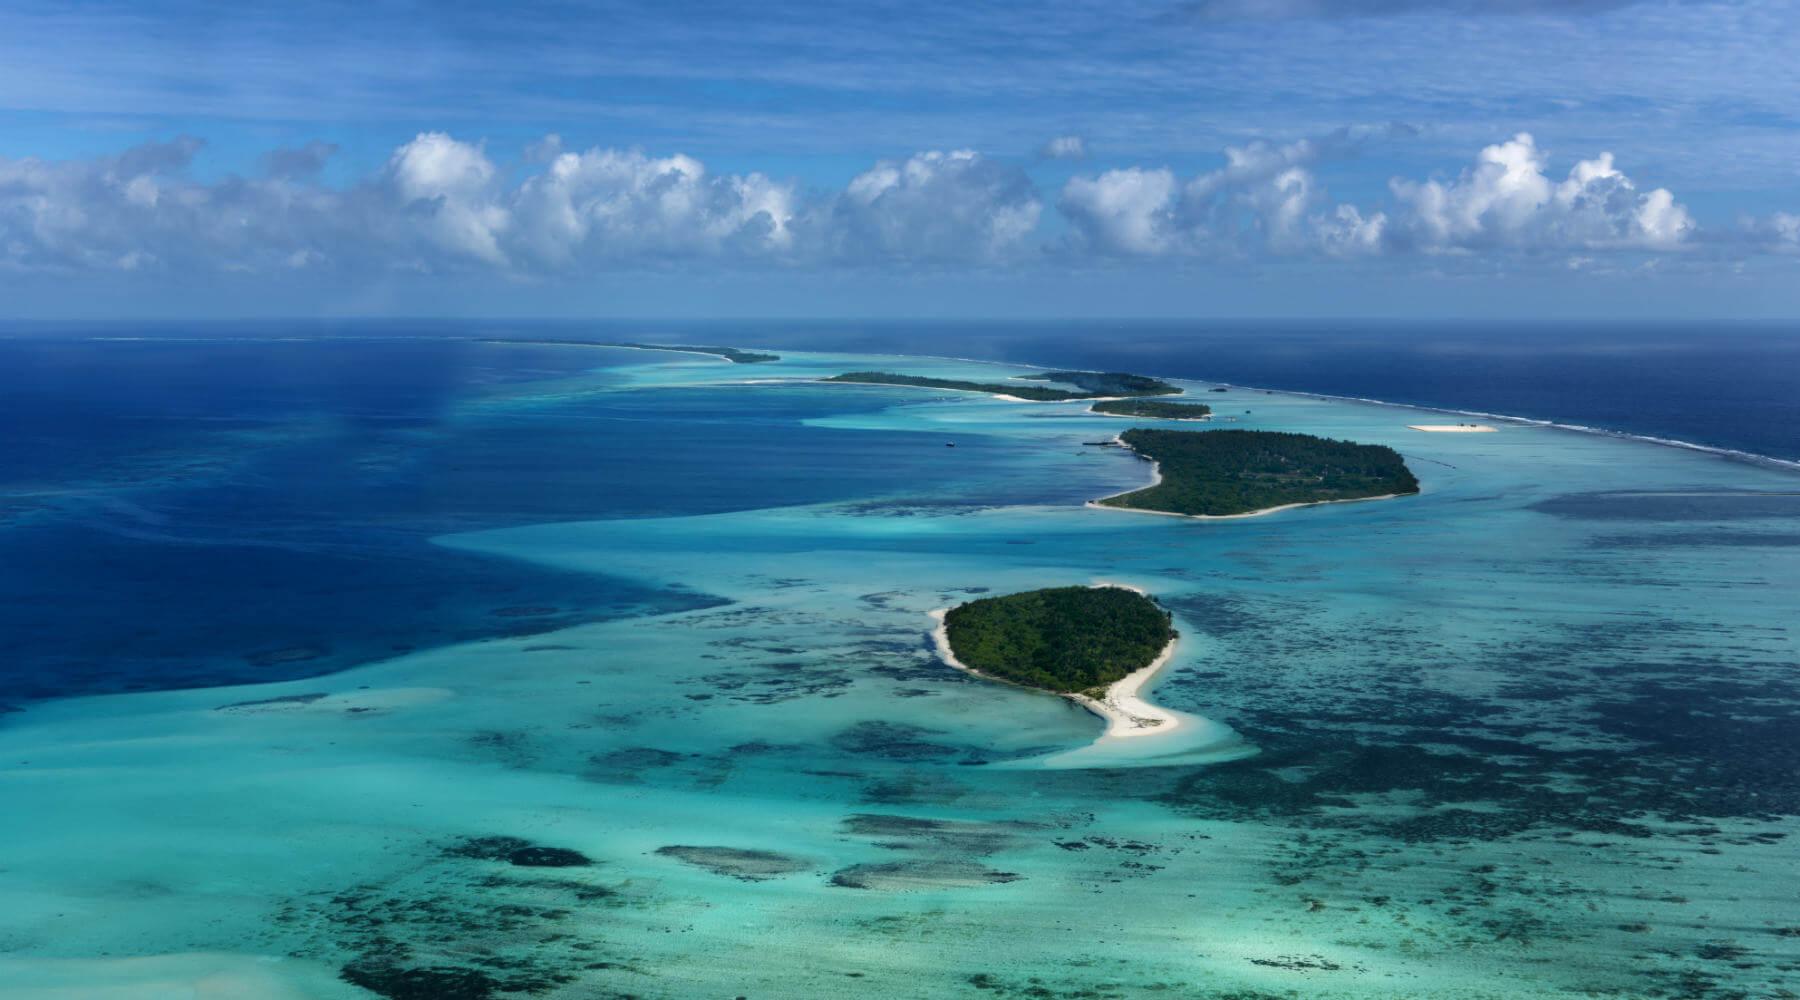 اجمل شاطئ في العالم 14